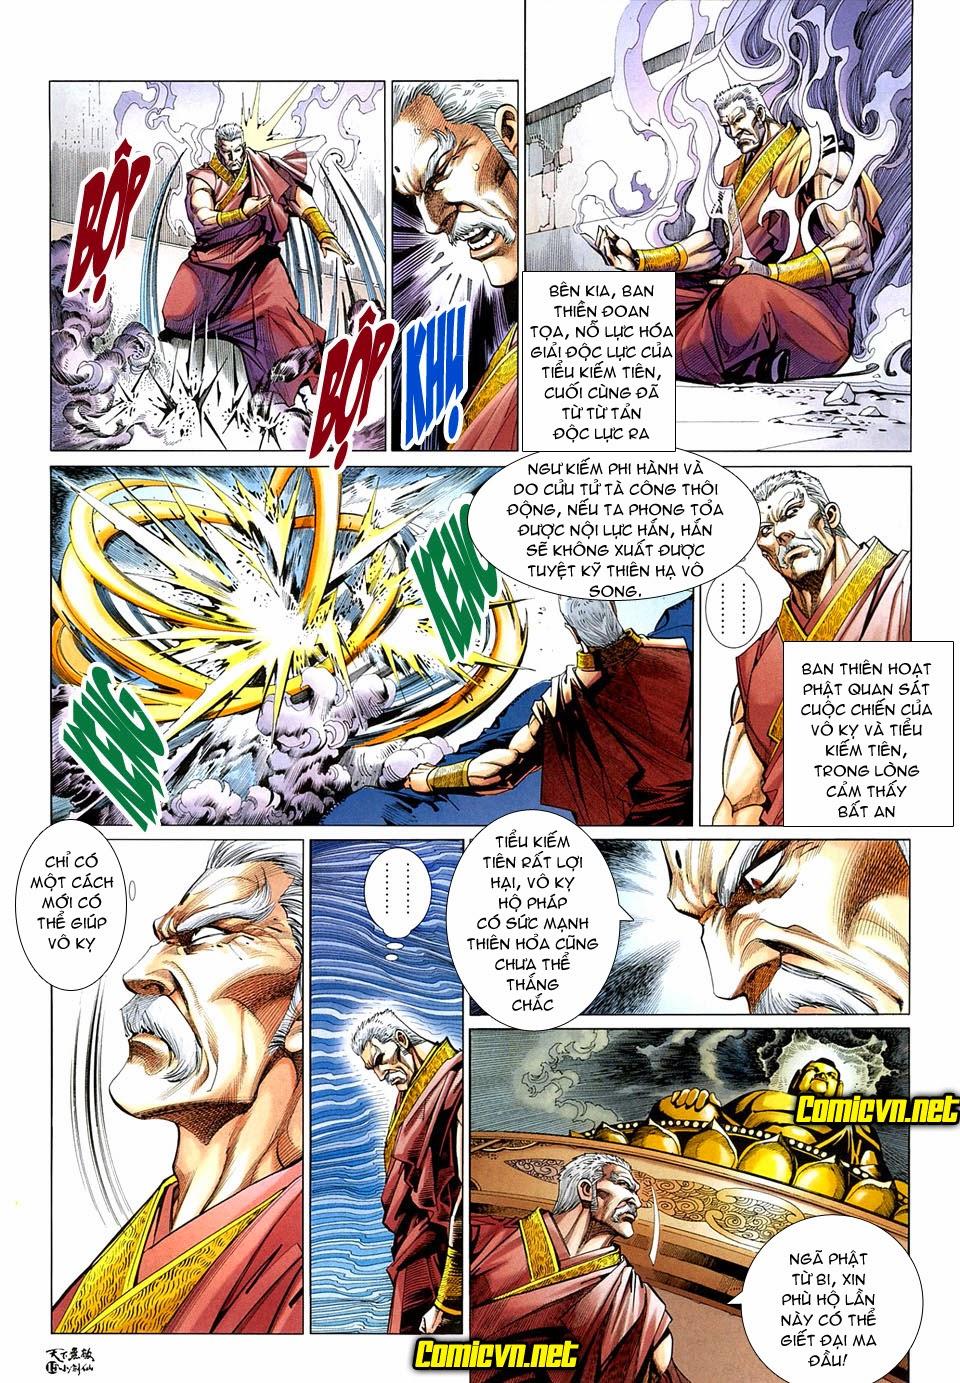 Thiên Hạ Vô Địch Tiểu Kiếm Tiên chap 31 - Trang 16